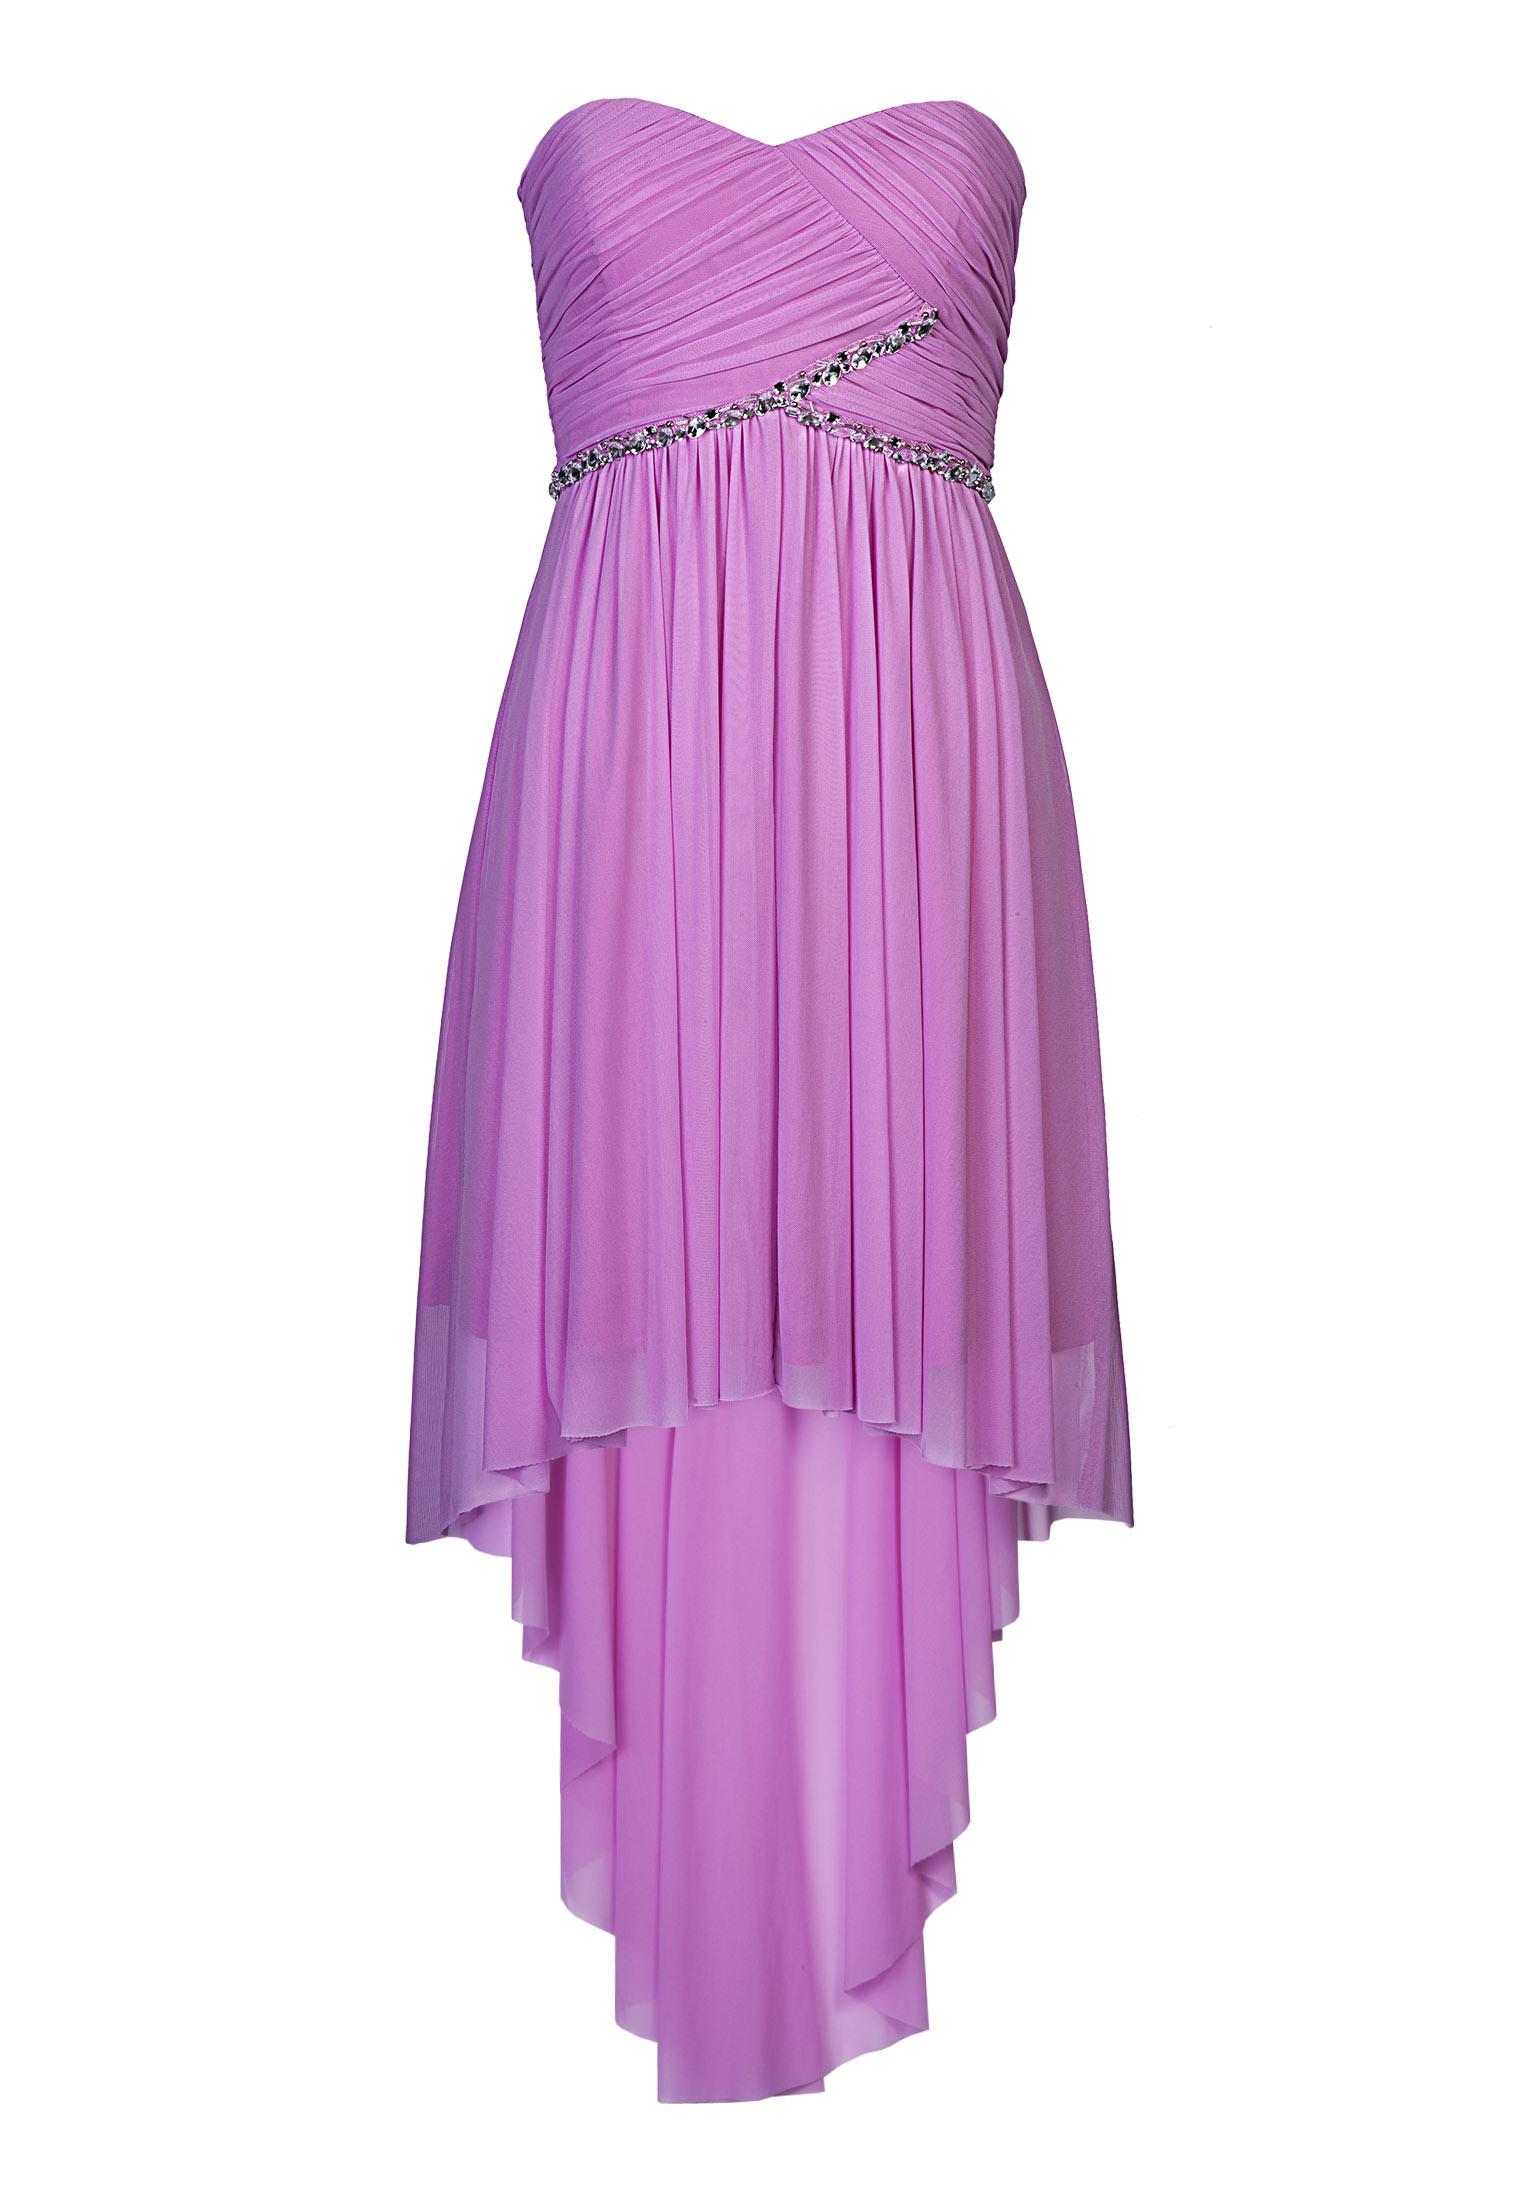 Formal Perfekt Flieder Kleid Kurz Galerie13 Kreativ Flieder Kleid Kurz für 2019